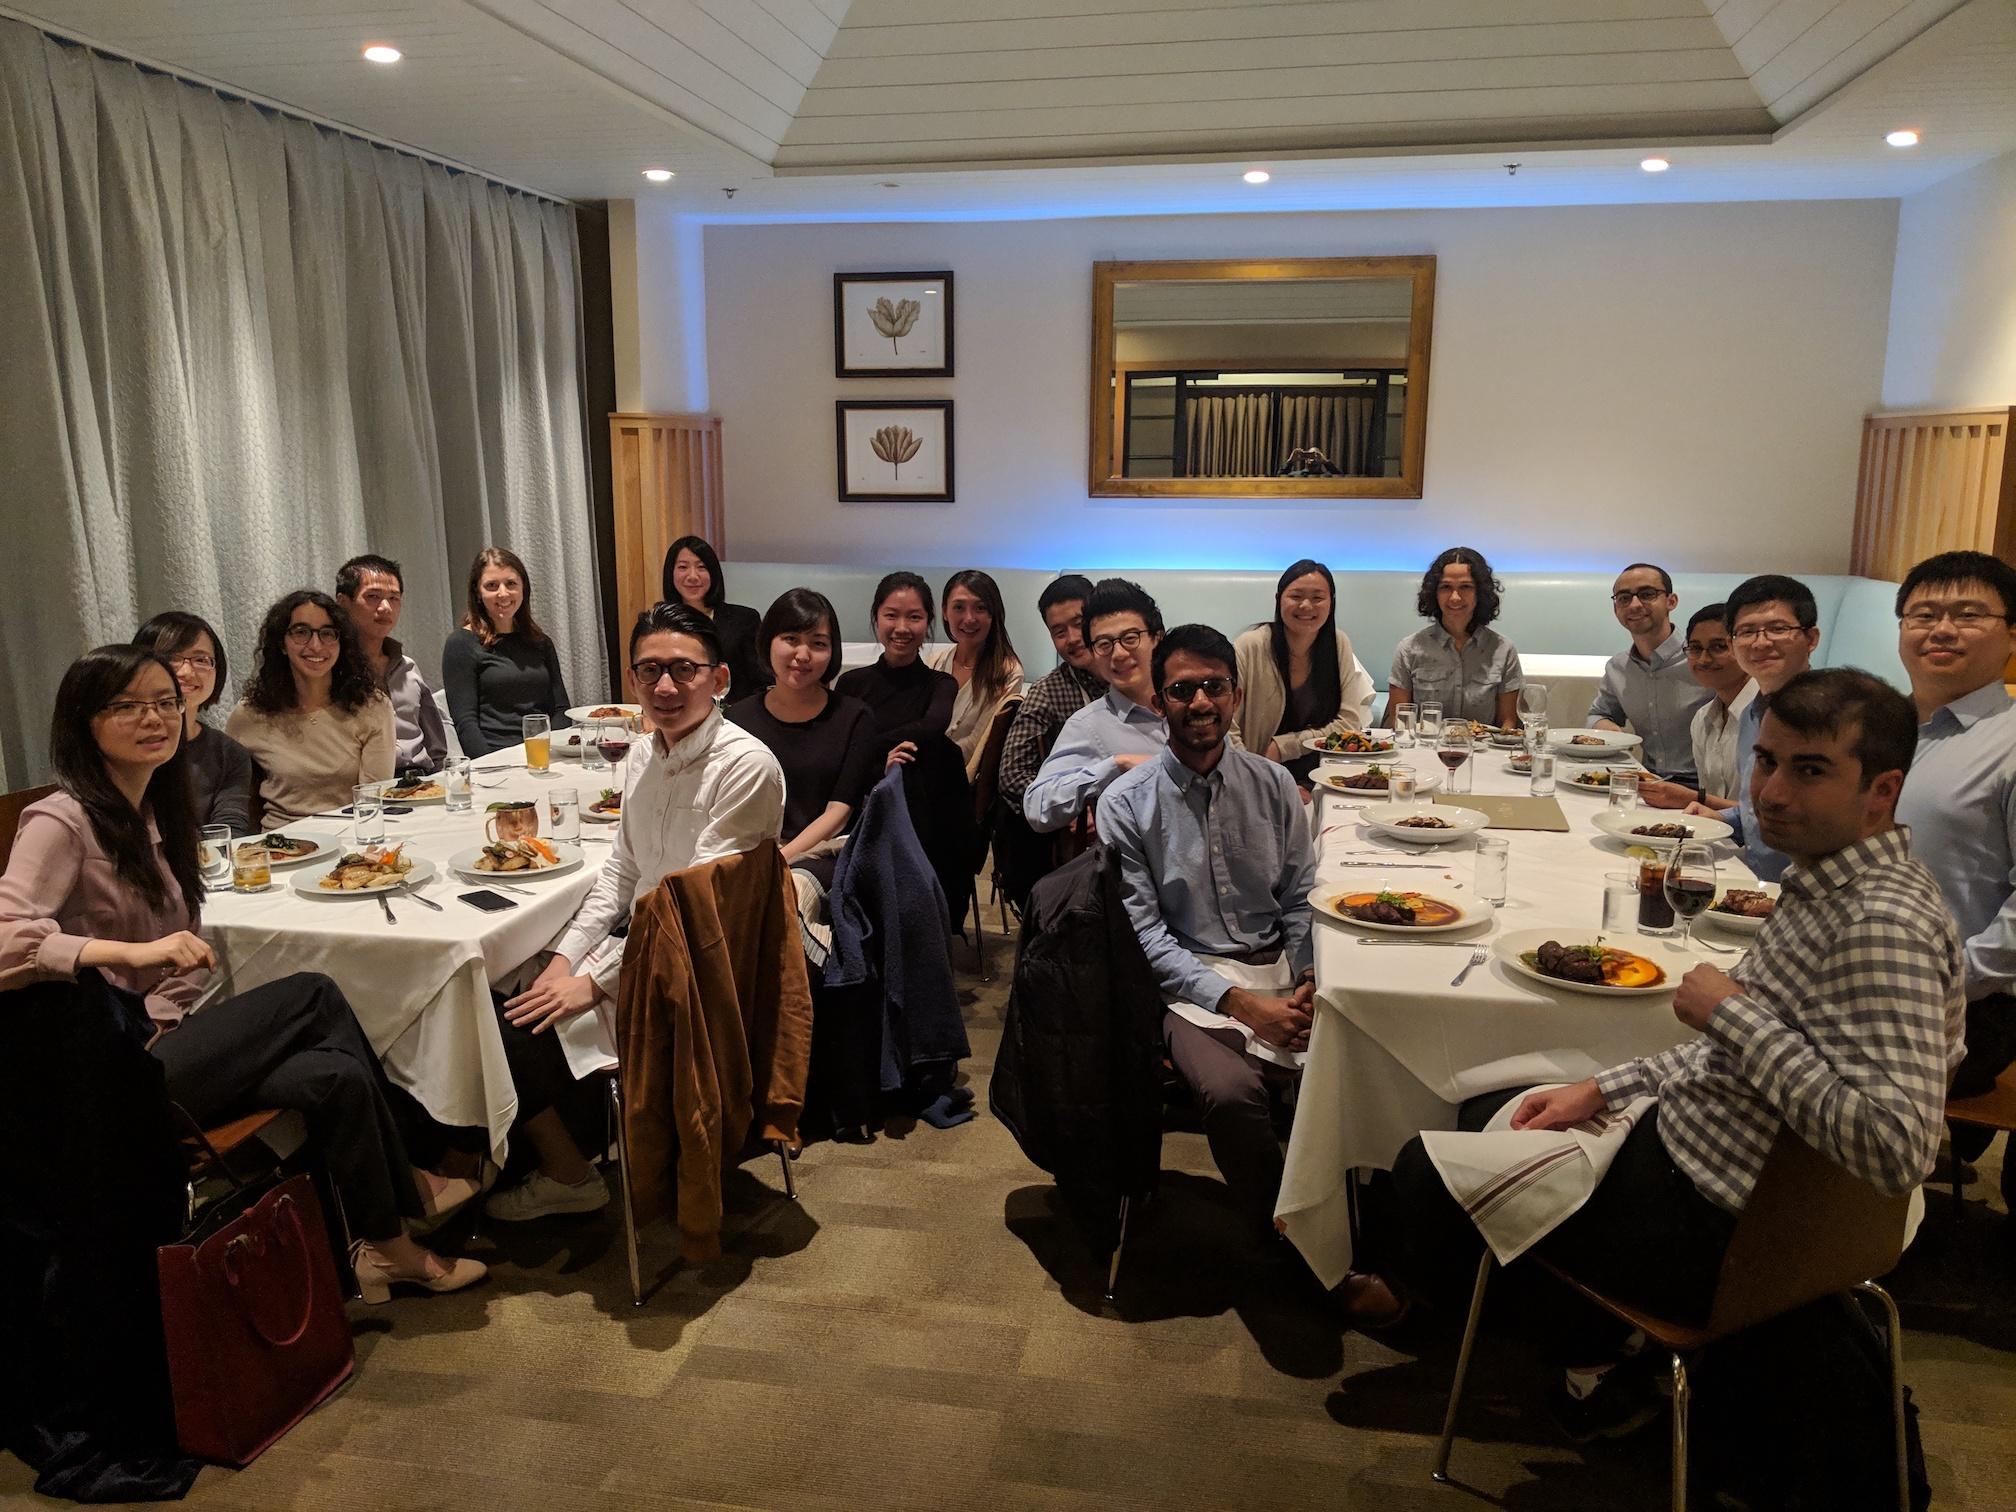 At the APS-DFD meeting in Atlanta, GA (November 2018)